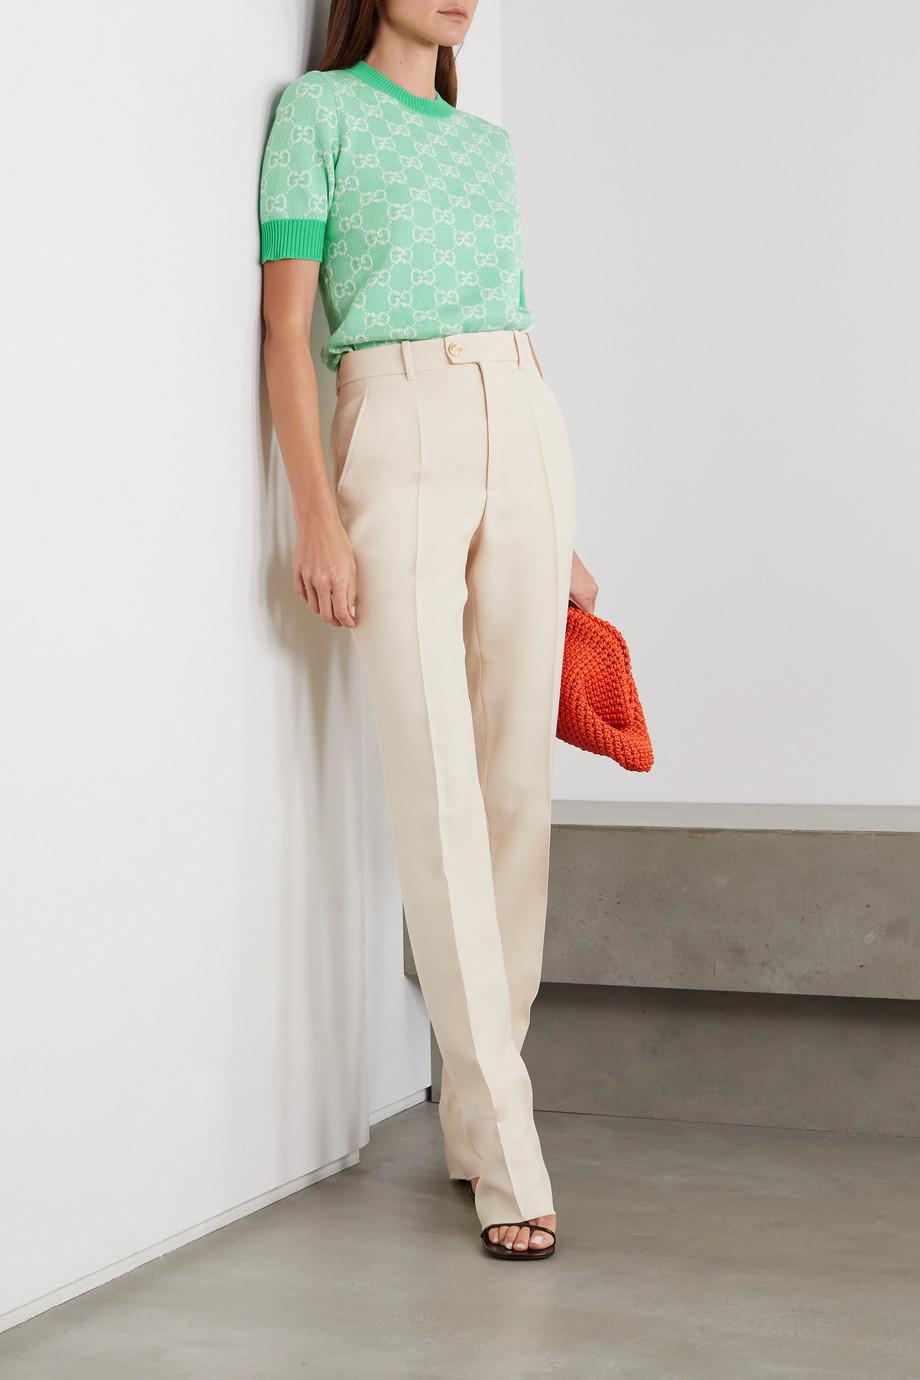 Gucci Pullover aus einer Woll-Baumwollmischung mit Intarsienmuster